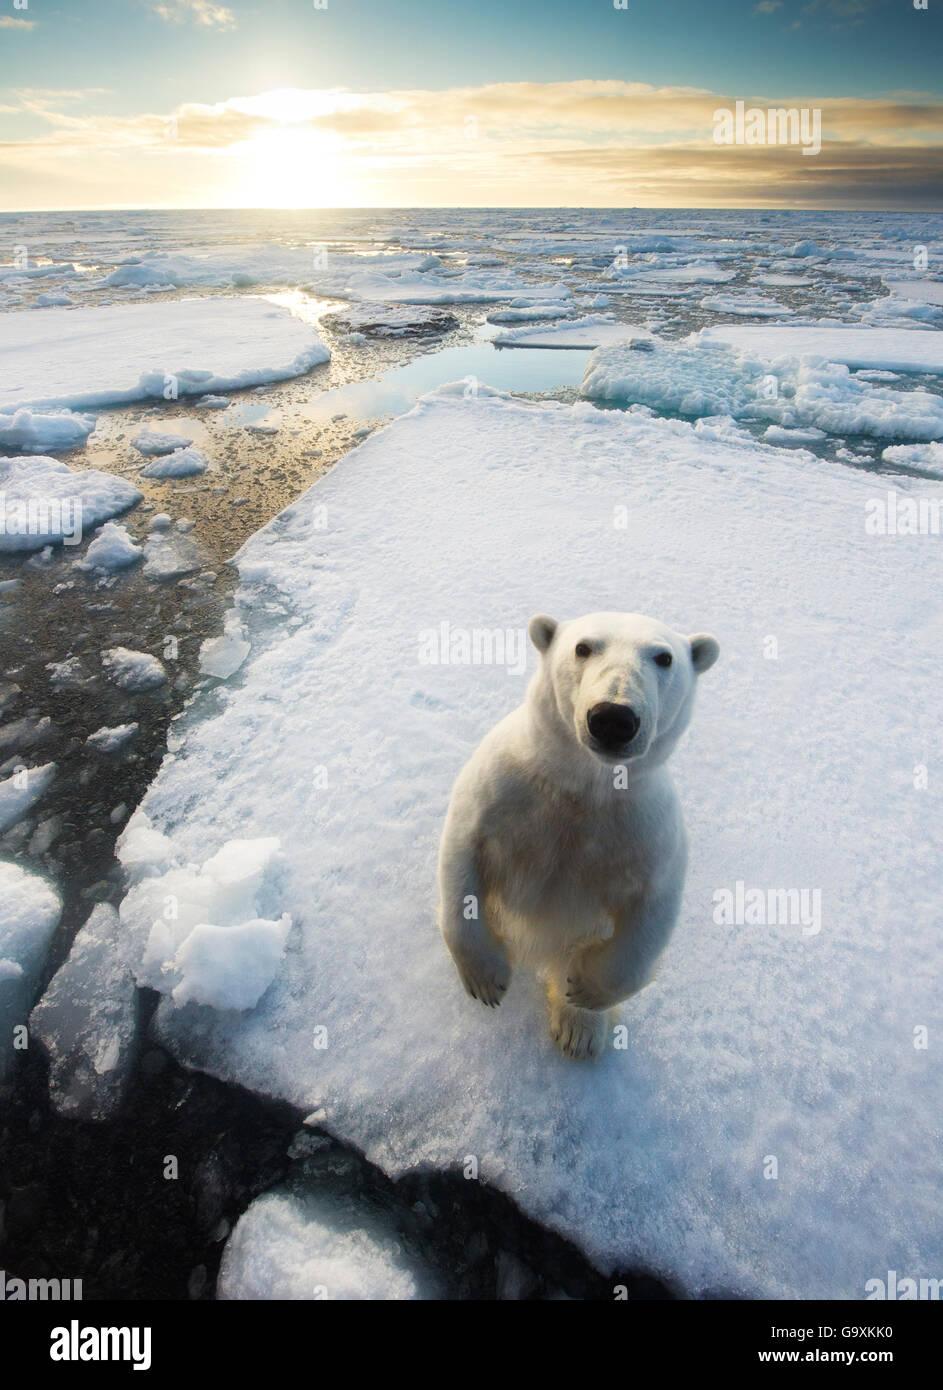 El oso polar (Ursus maritimus) pararse en la banquisa, mirando a la cámara. Svalbard, Noruega. De agosto. Imagen De Stock